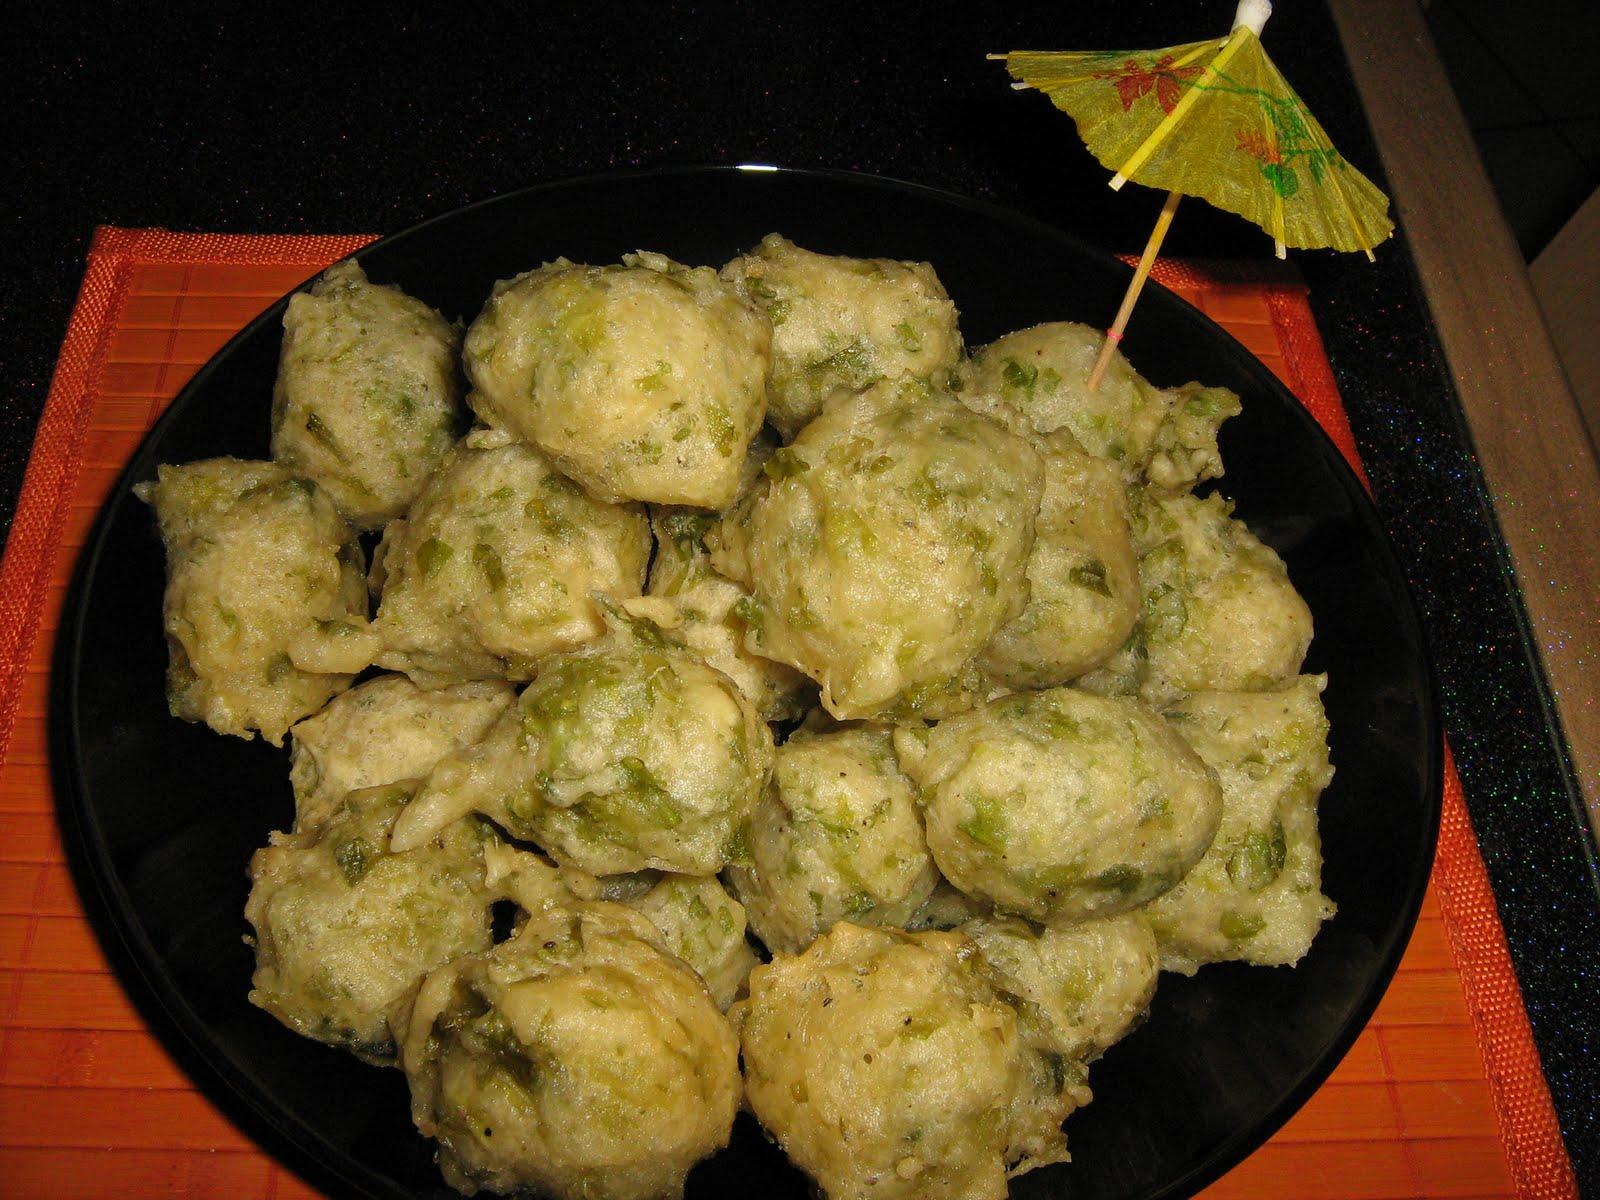 Lina pasticci in cucina frittelle alle alghe - Alghe in cucina ...